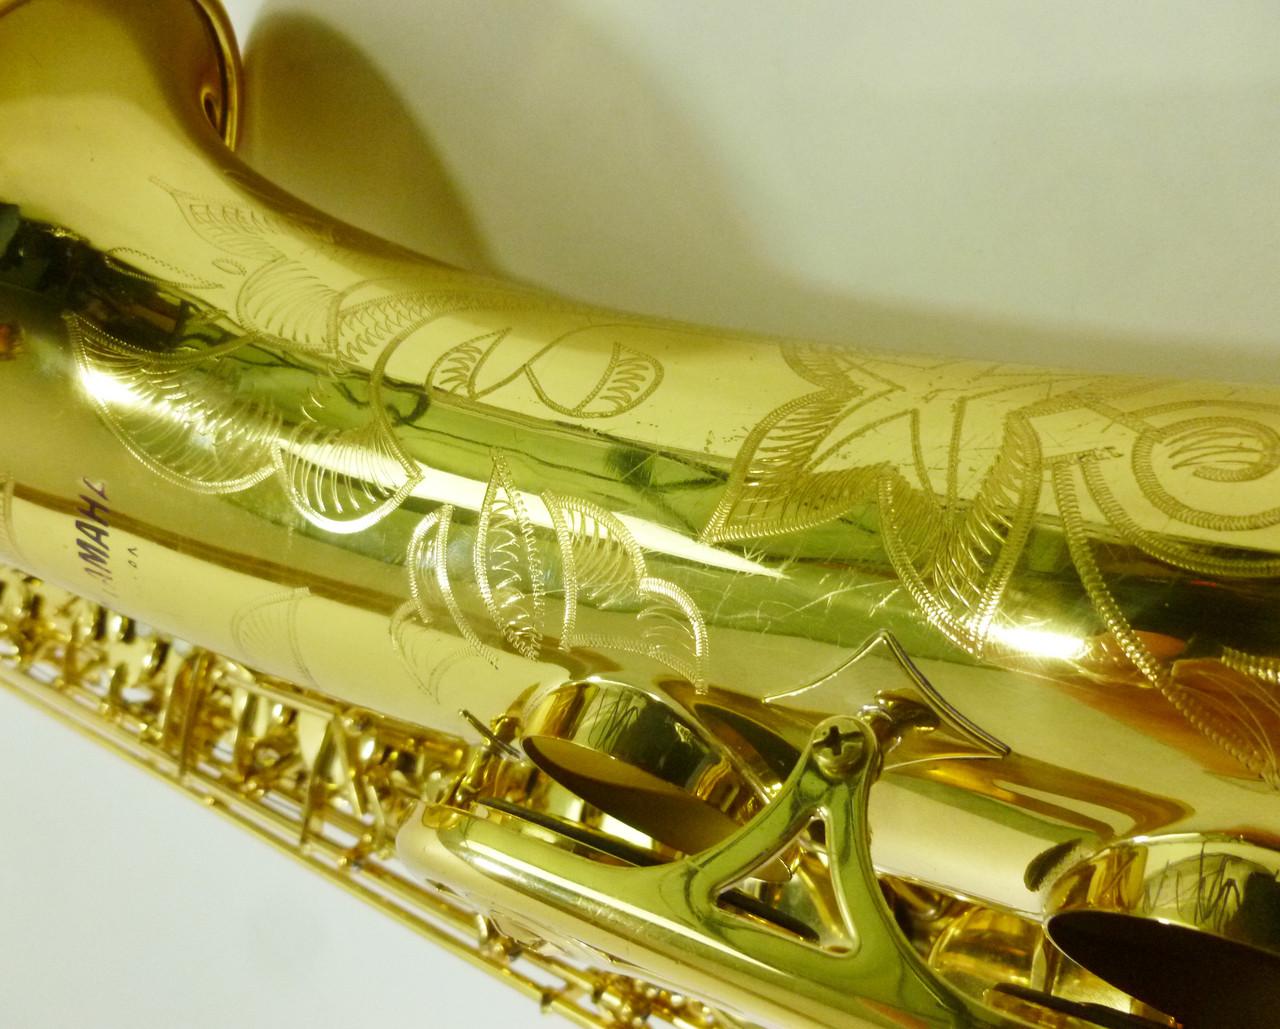 Yamaha YTS62 Tenor Sax Refurbished 2